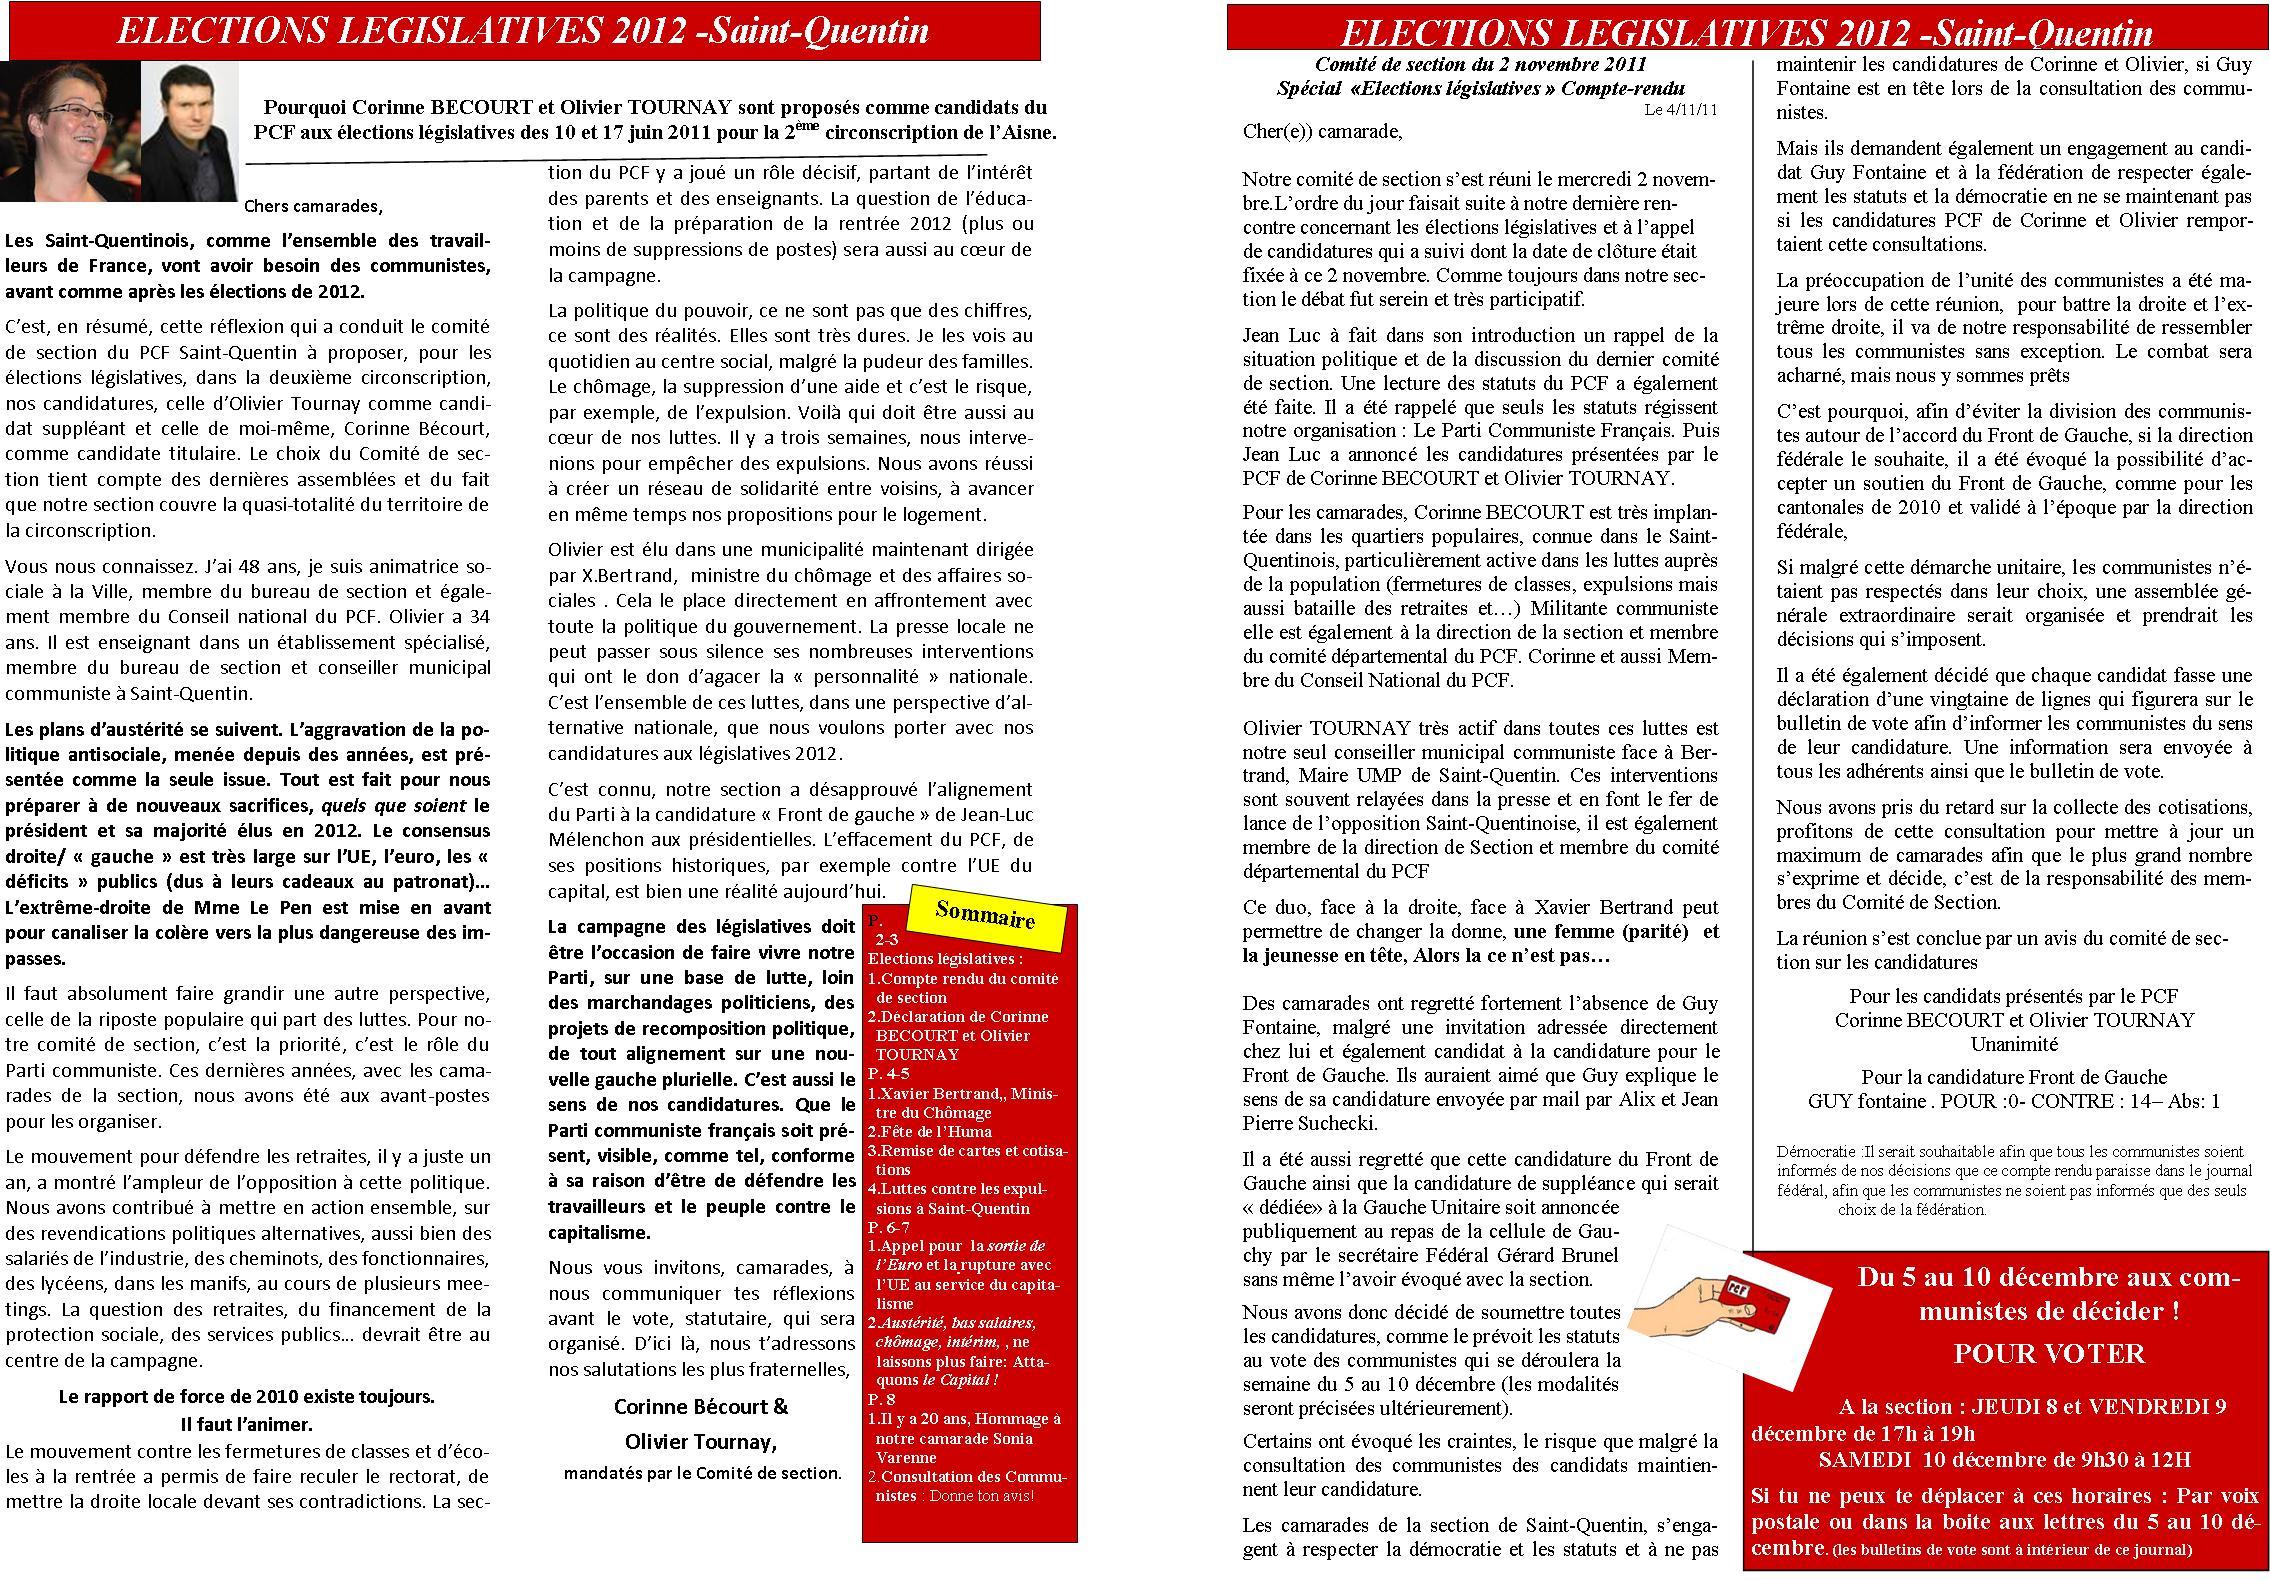 PAGE-2-3 dans Conseil Municipal de St Quentin